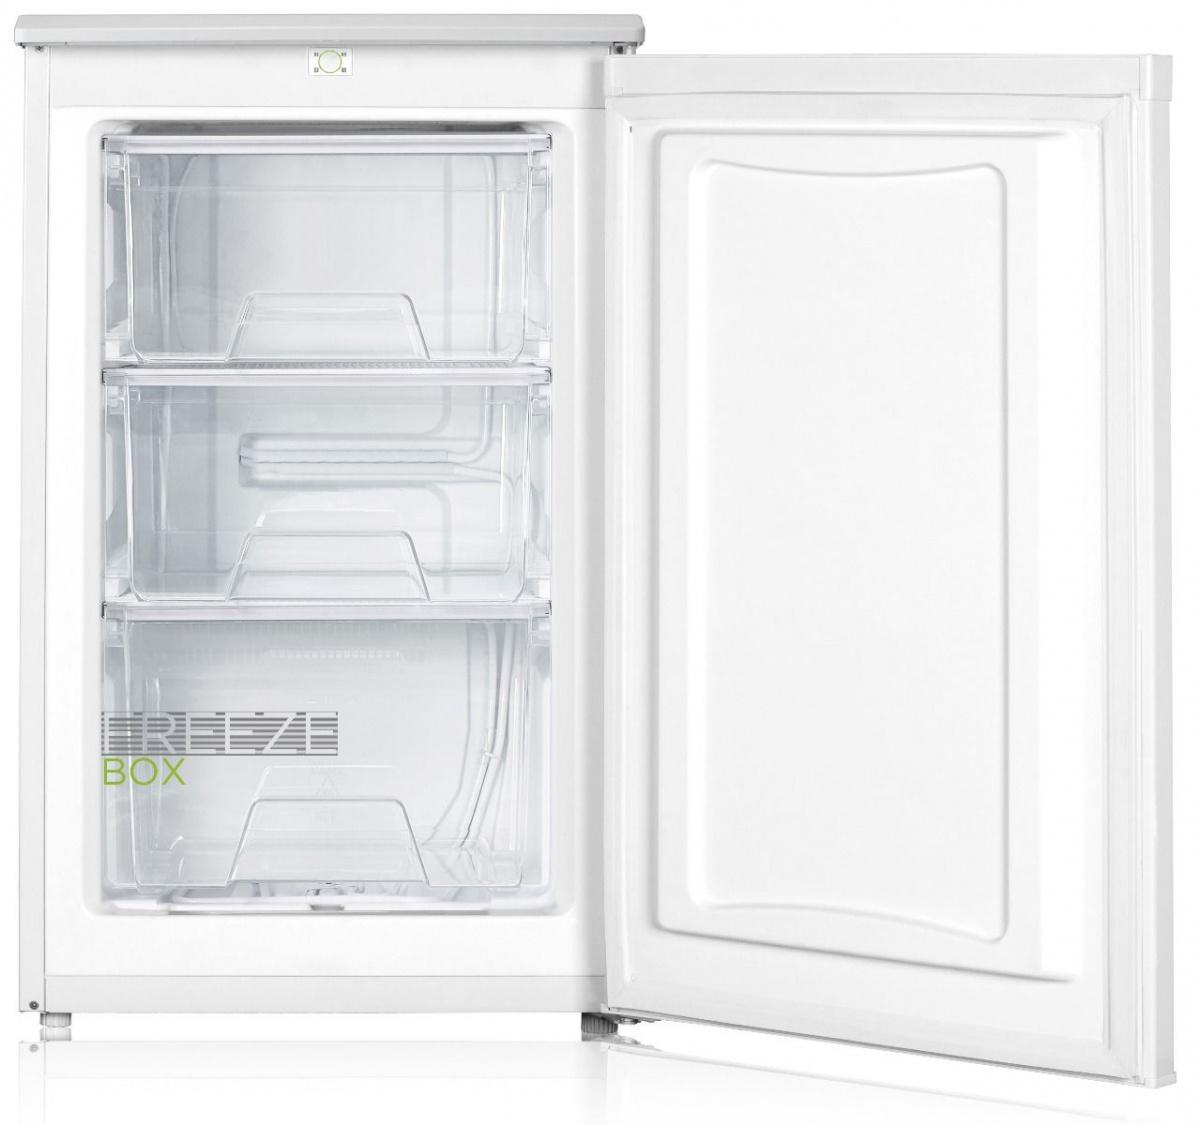 Холодильник двухкамерный купить в Москве, Домодедово, Обнинске, Калуге недорог